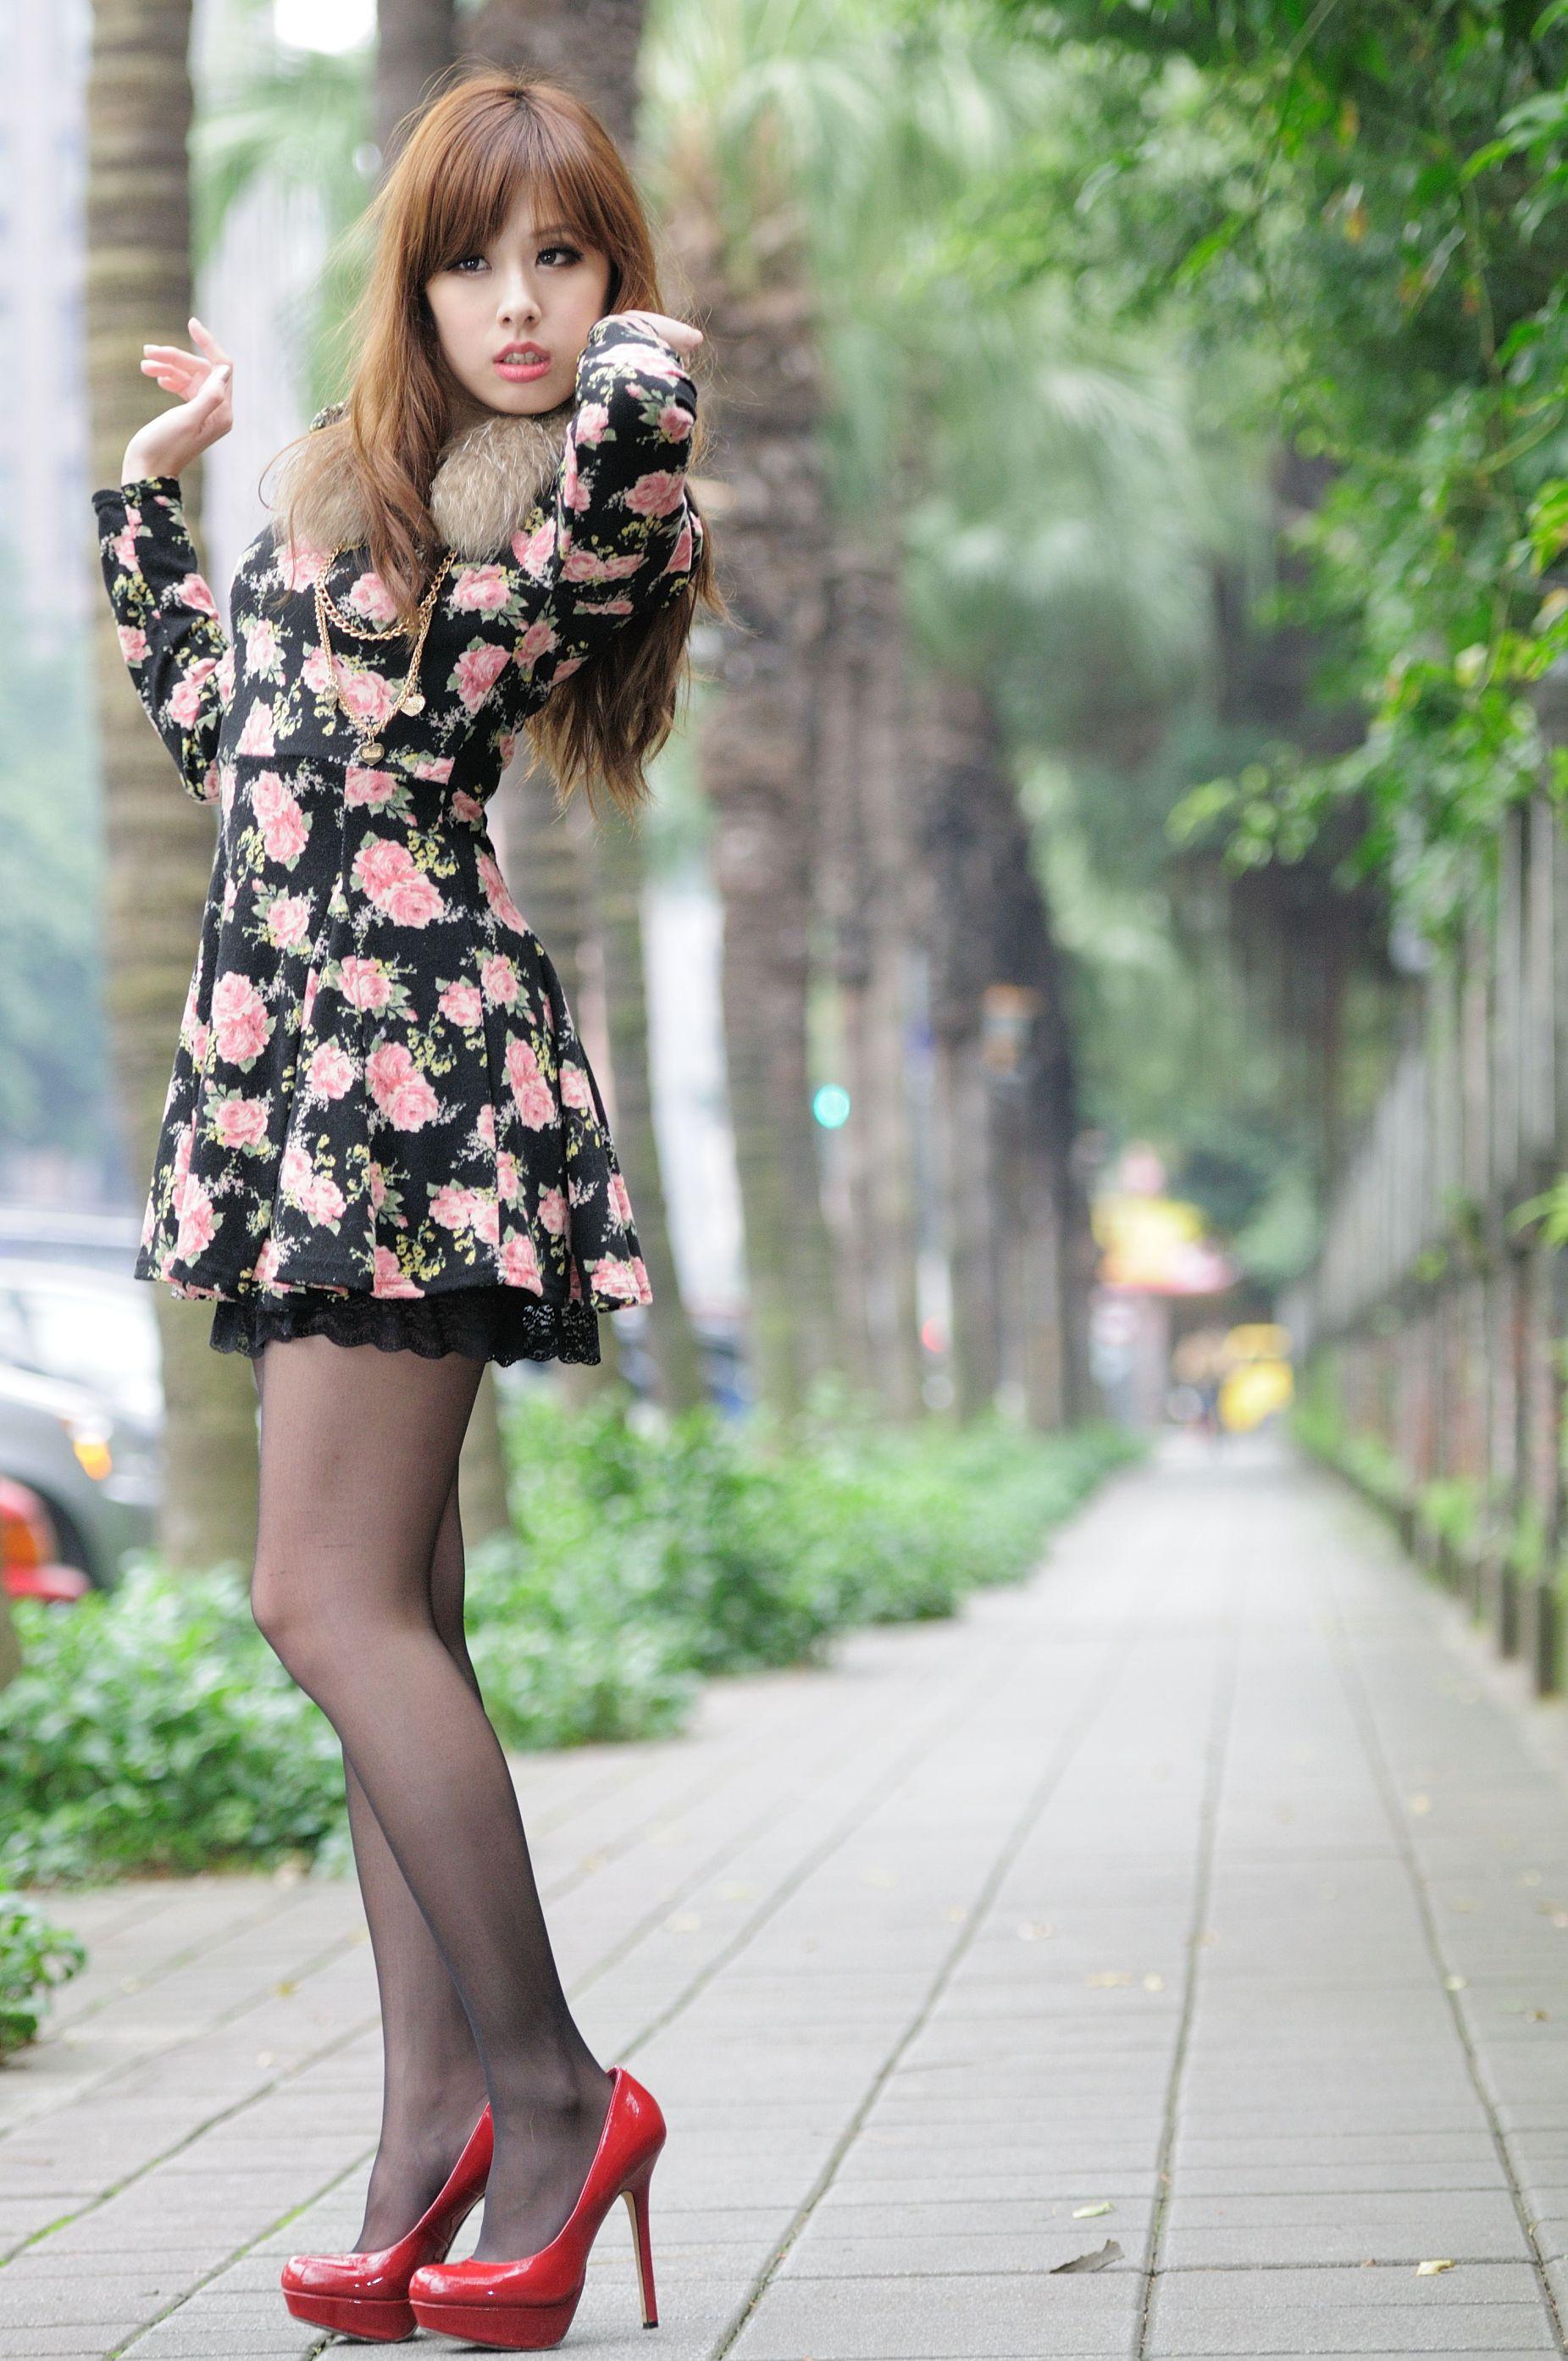 VOL.231 [台湾正妹]清新街拍外拍妹子:小米高品质写真套图(80P)